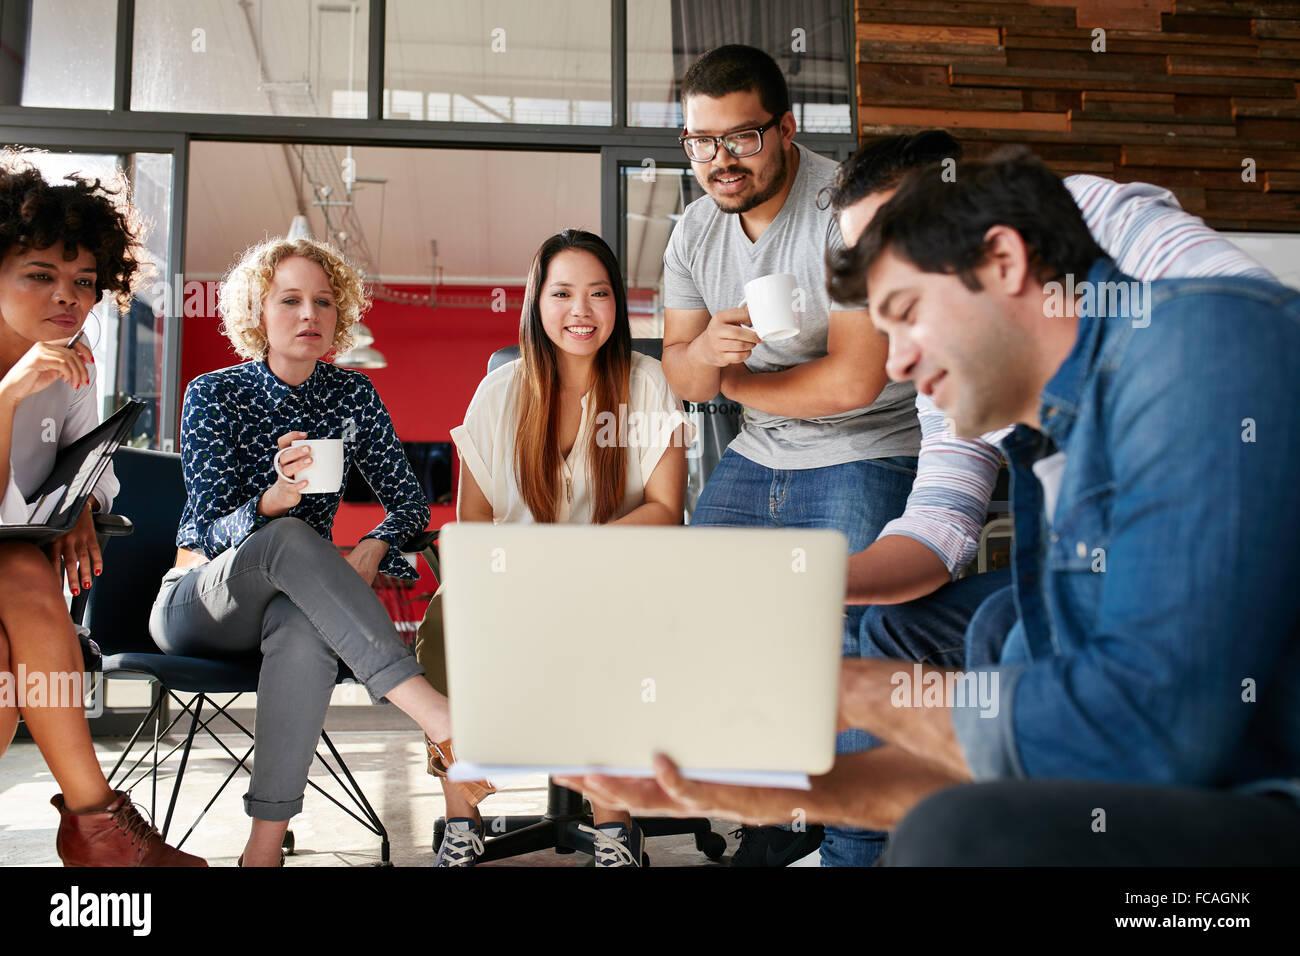 Equipo de personas creativas mirando colega mostrando plan de proyecto en su ordenador portátil. Diverso grupo Imagen De Stock